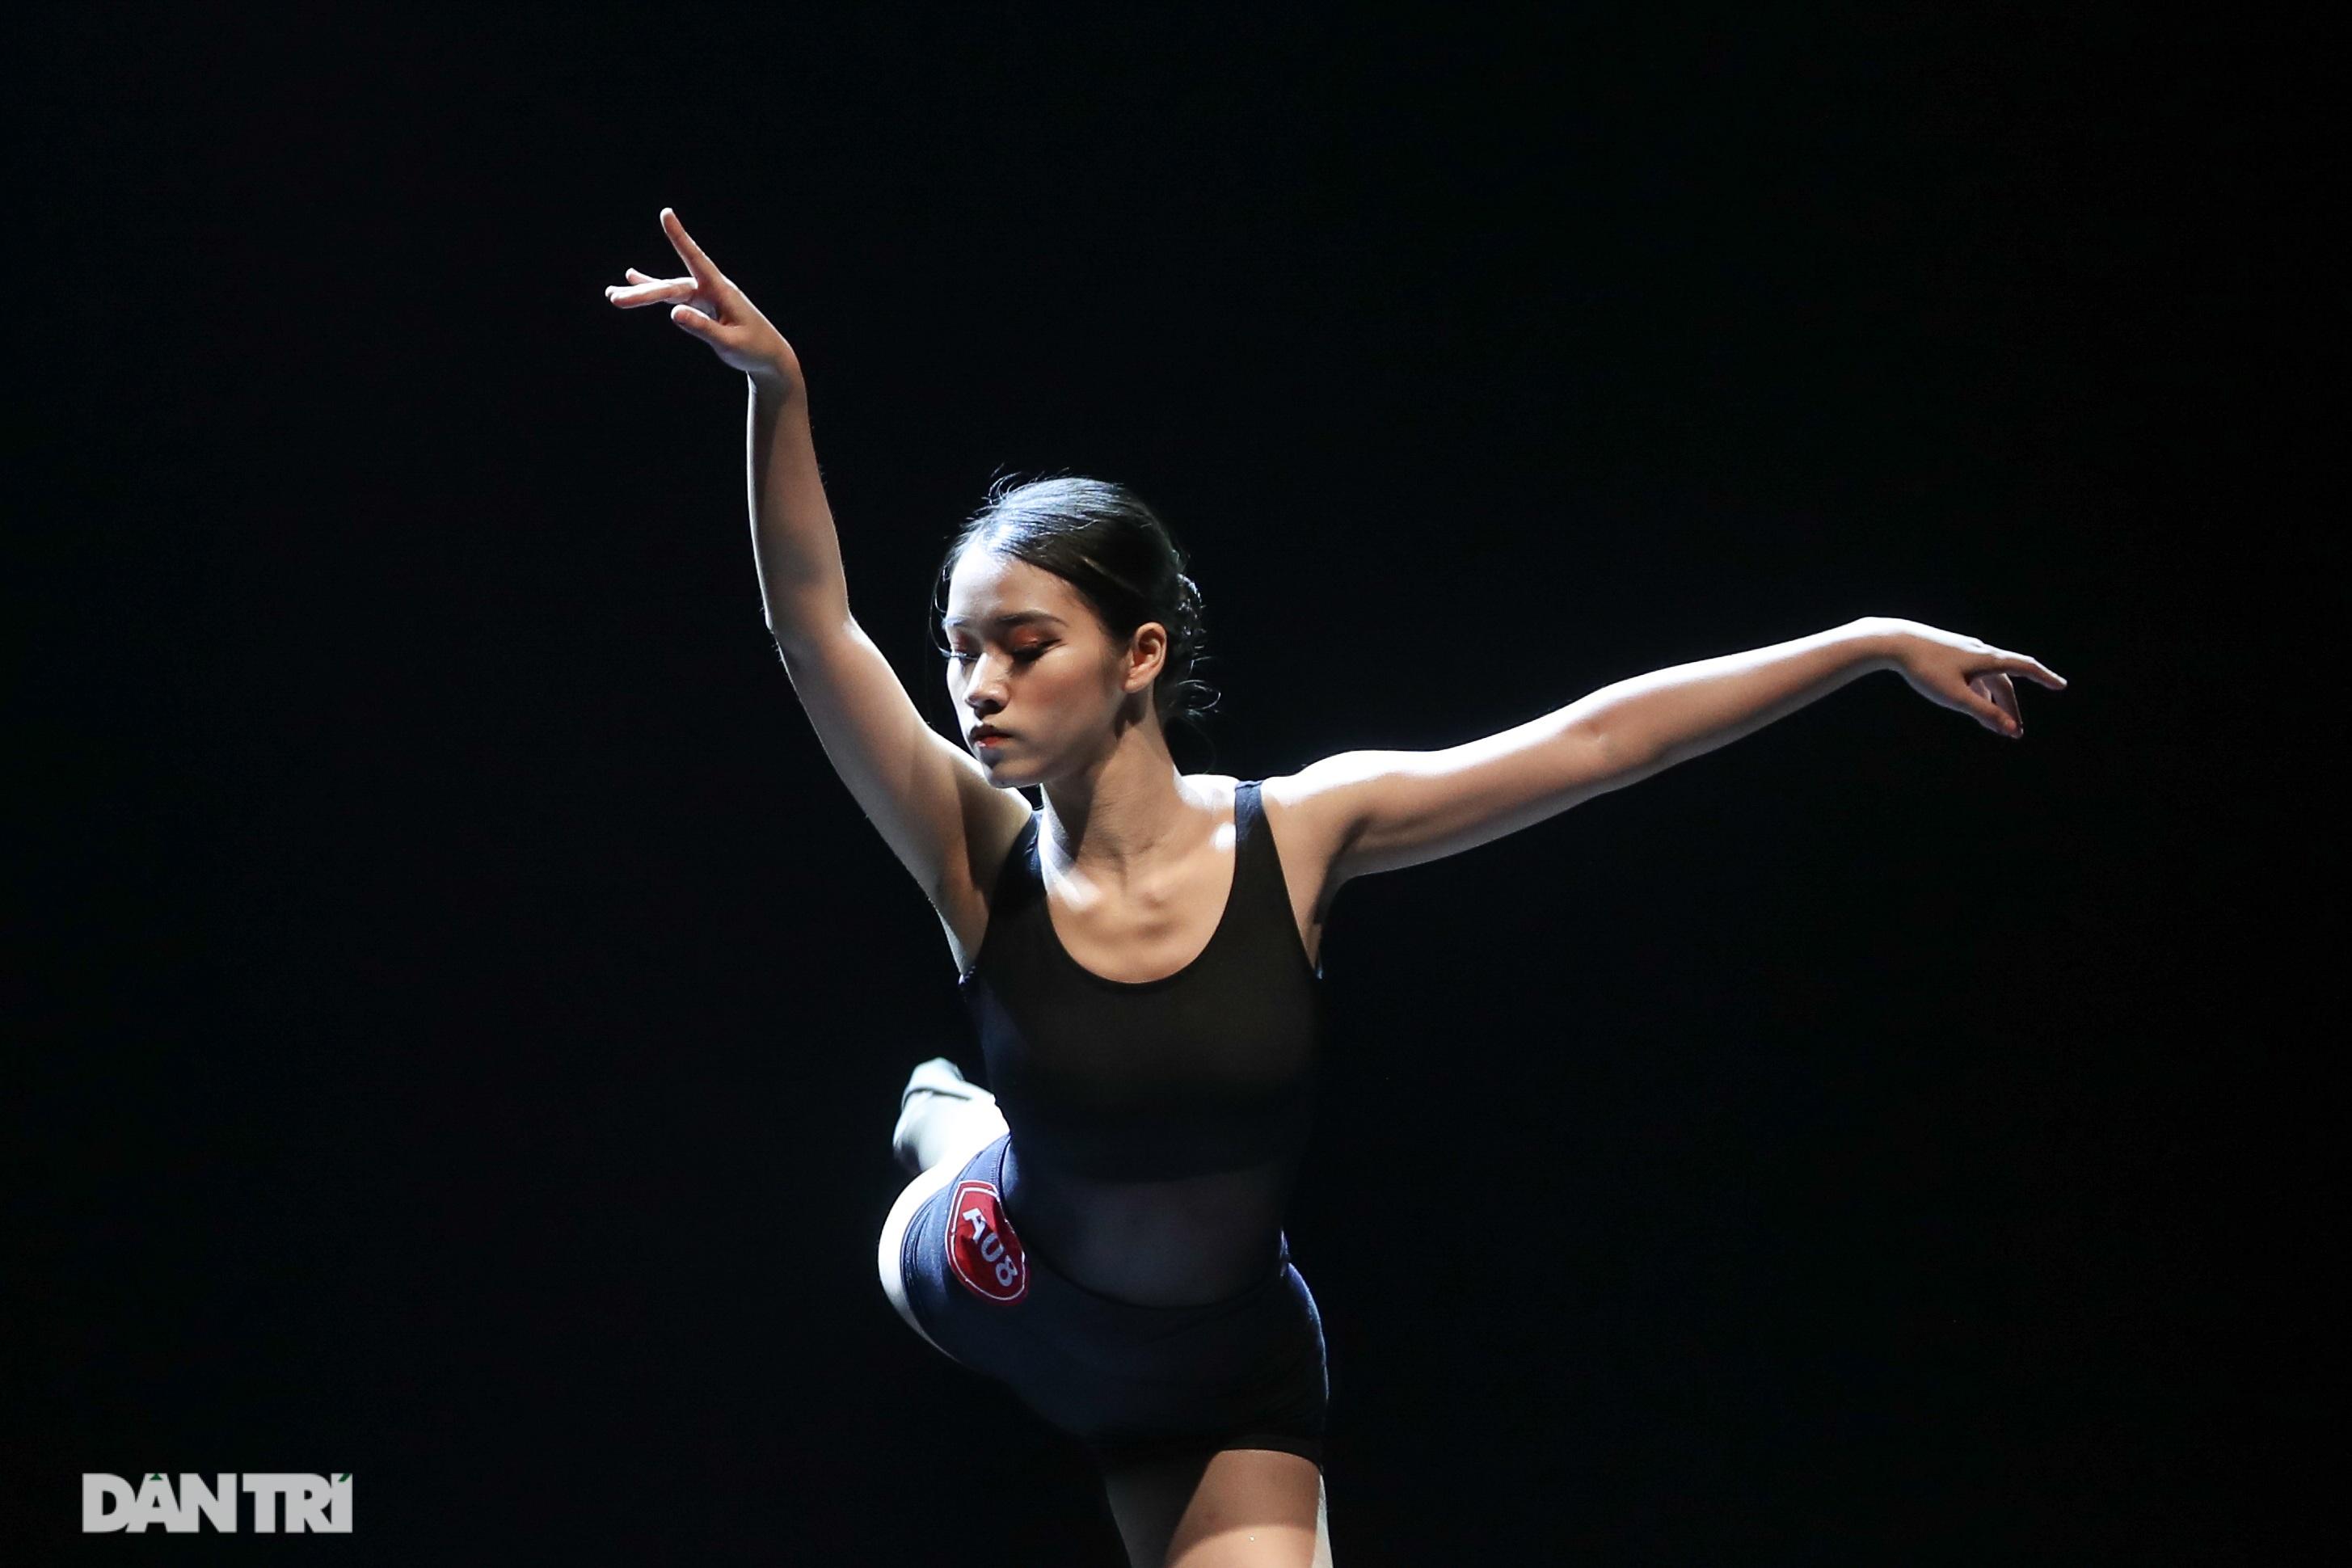 Khoảnh khắc mê hồn tại cuộc thi Tài năng biểu diễn múa - 28